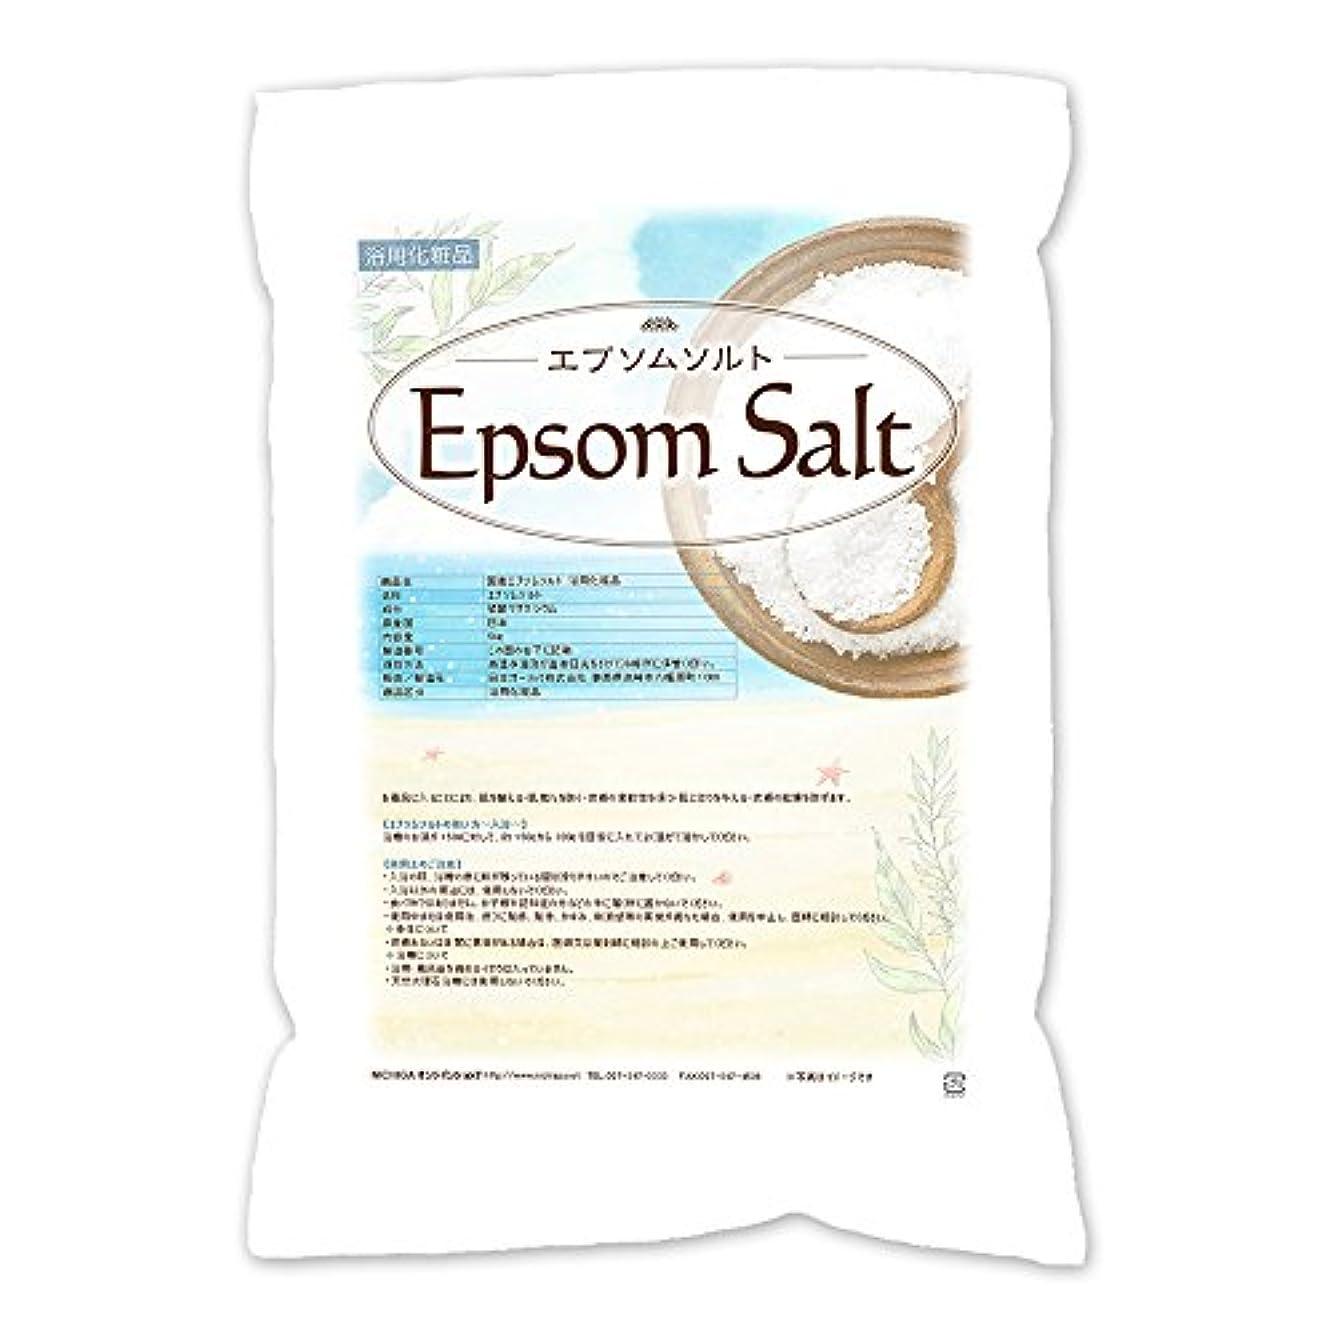 死ぬ葉巻製油所エプソムソルト5kg (Epsom Salt)浴用化粧品 [02] 【同梱不可】国産原料 NICHIGA(ニチガ)